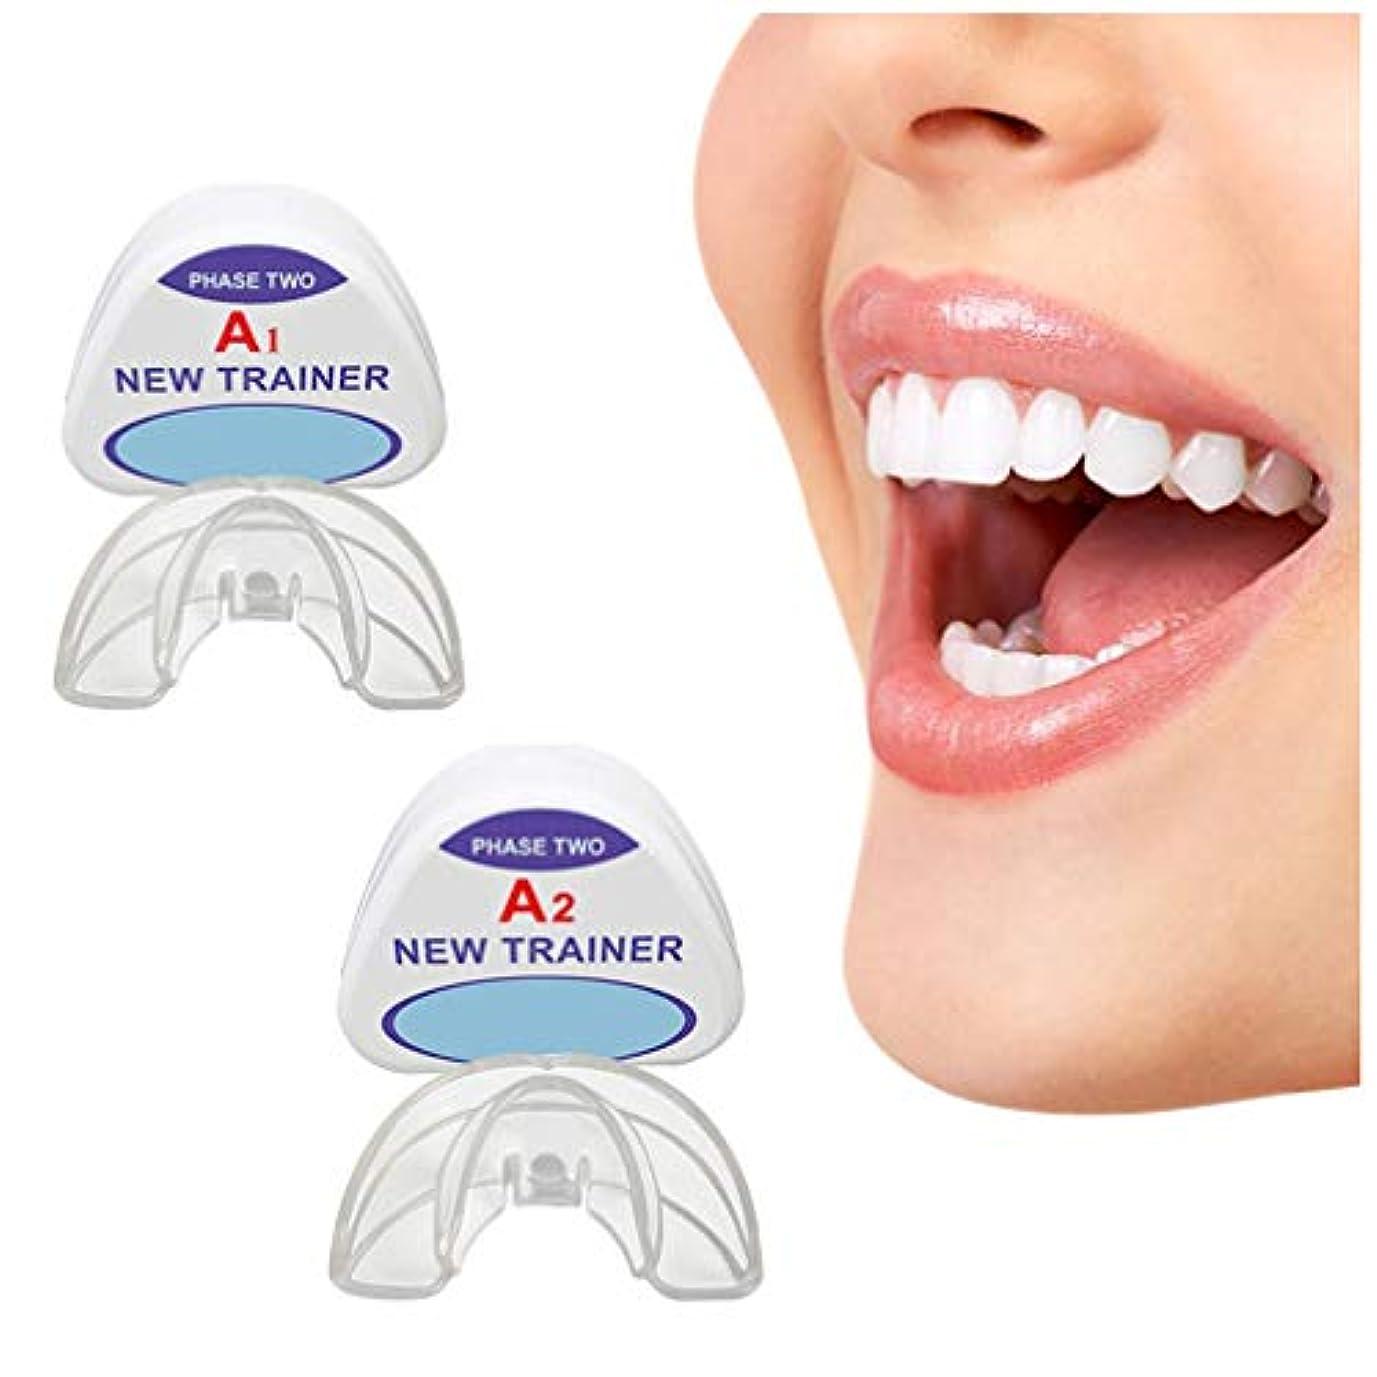 がっかりする融合全員歯アライメントトレーナーリテーナー、歯科矯正トレーナー、ナイトマウスガードスリムグラインドプロテクター、大人のためのトレーナー歯アライメントブレース,A1+A2